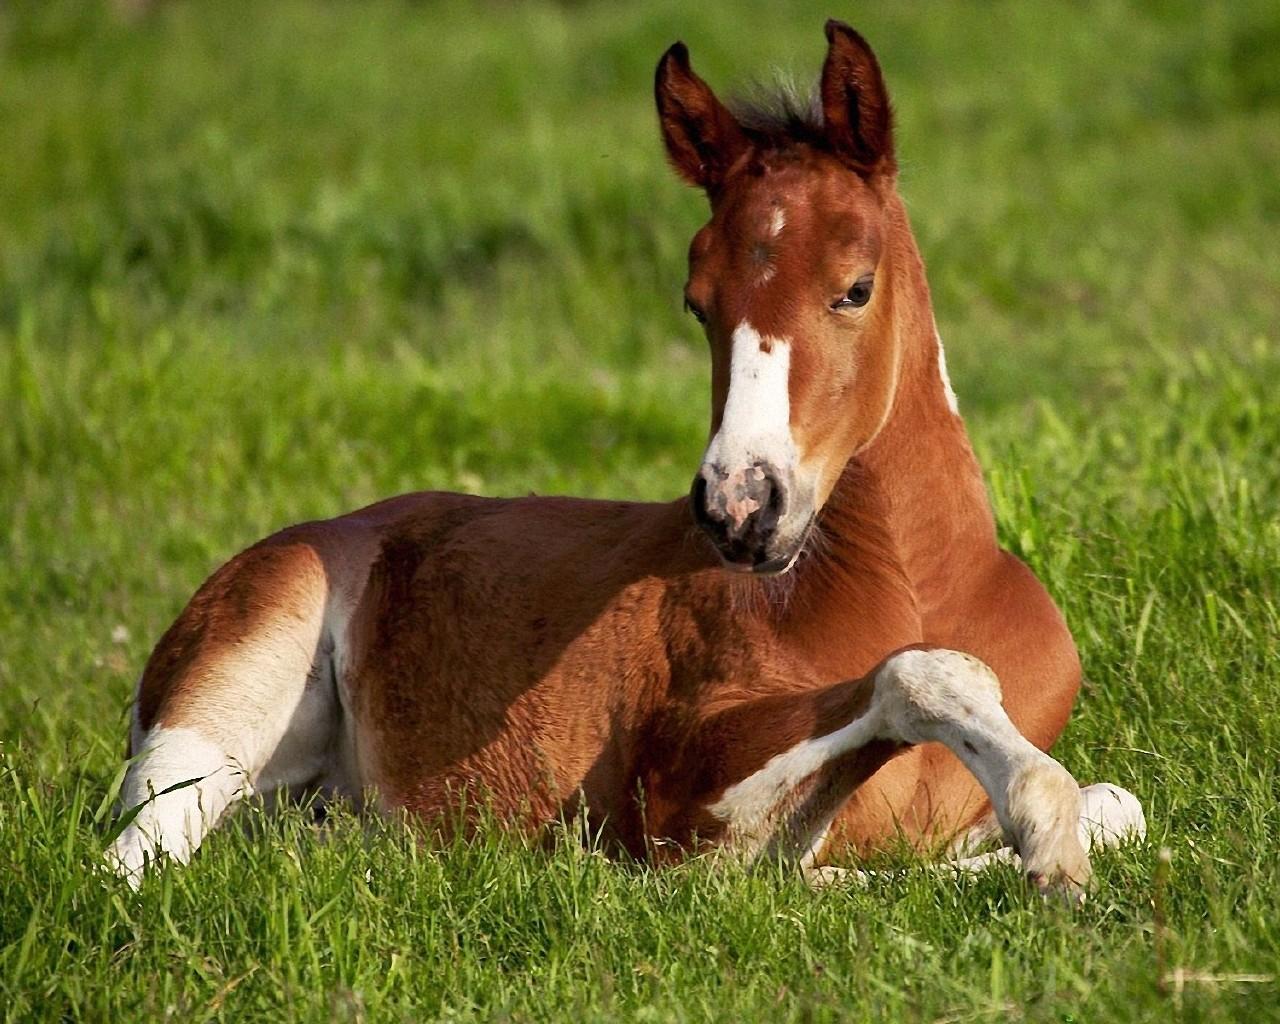 Wallpaper Beautiful Horse Animals PicsFabcom   Desktop Wallpapers 1280x1024